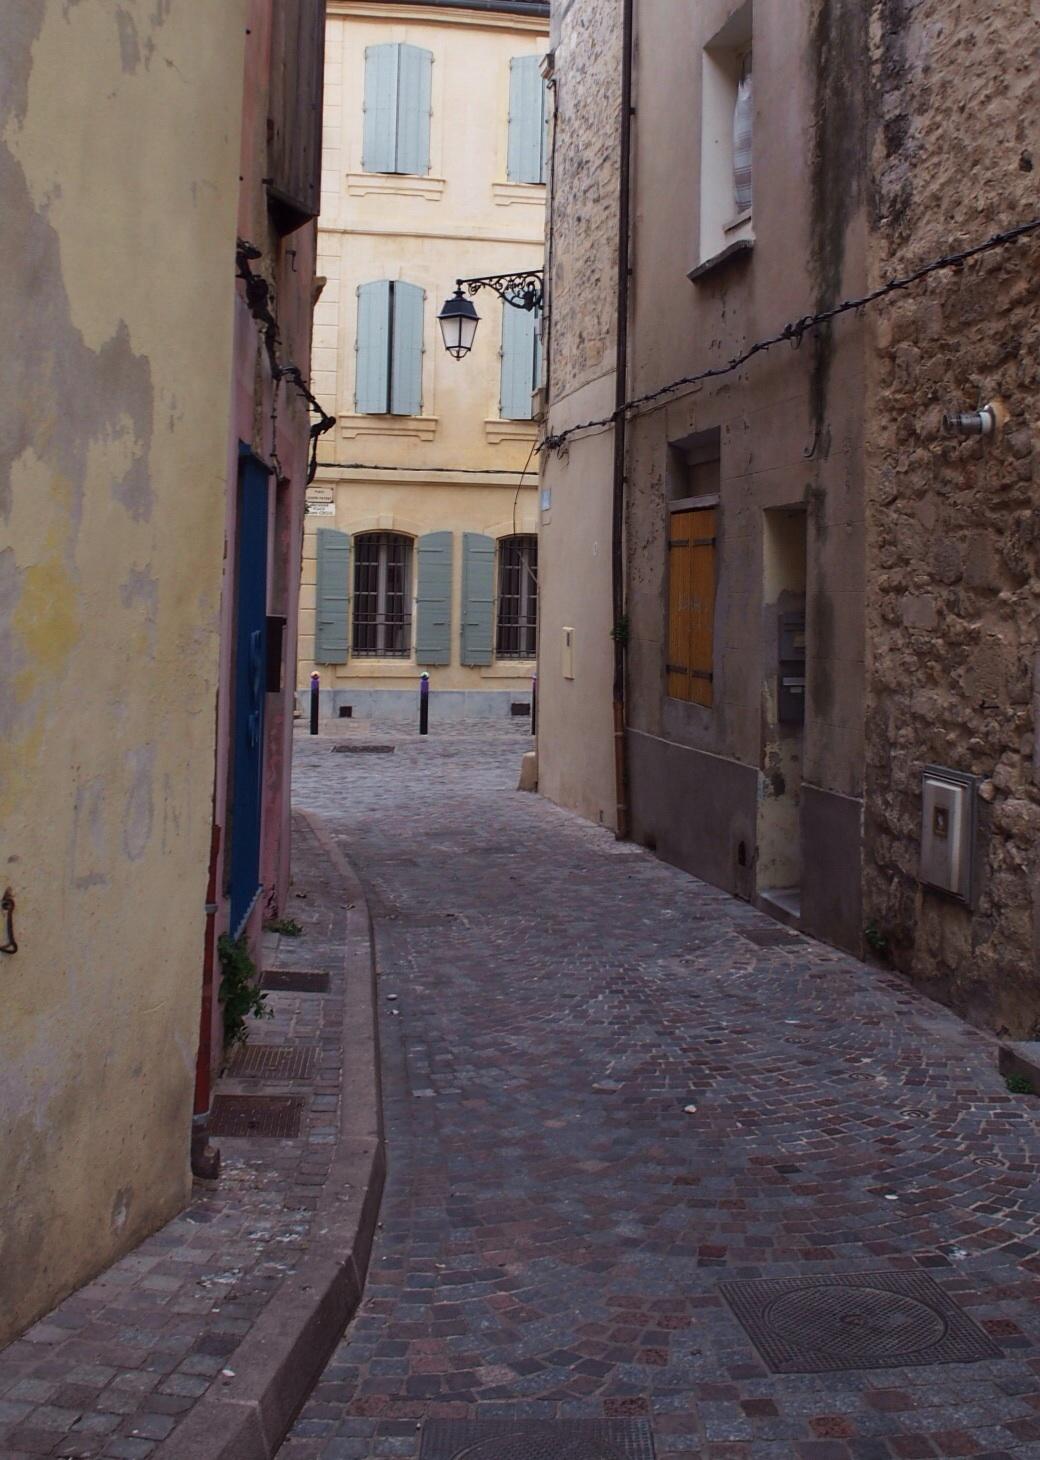 Rue de septembre is where I am yo!